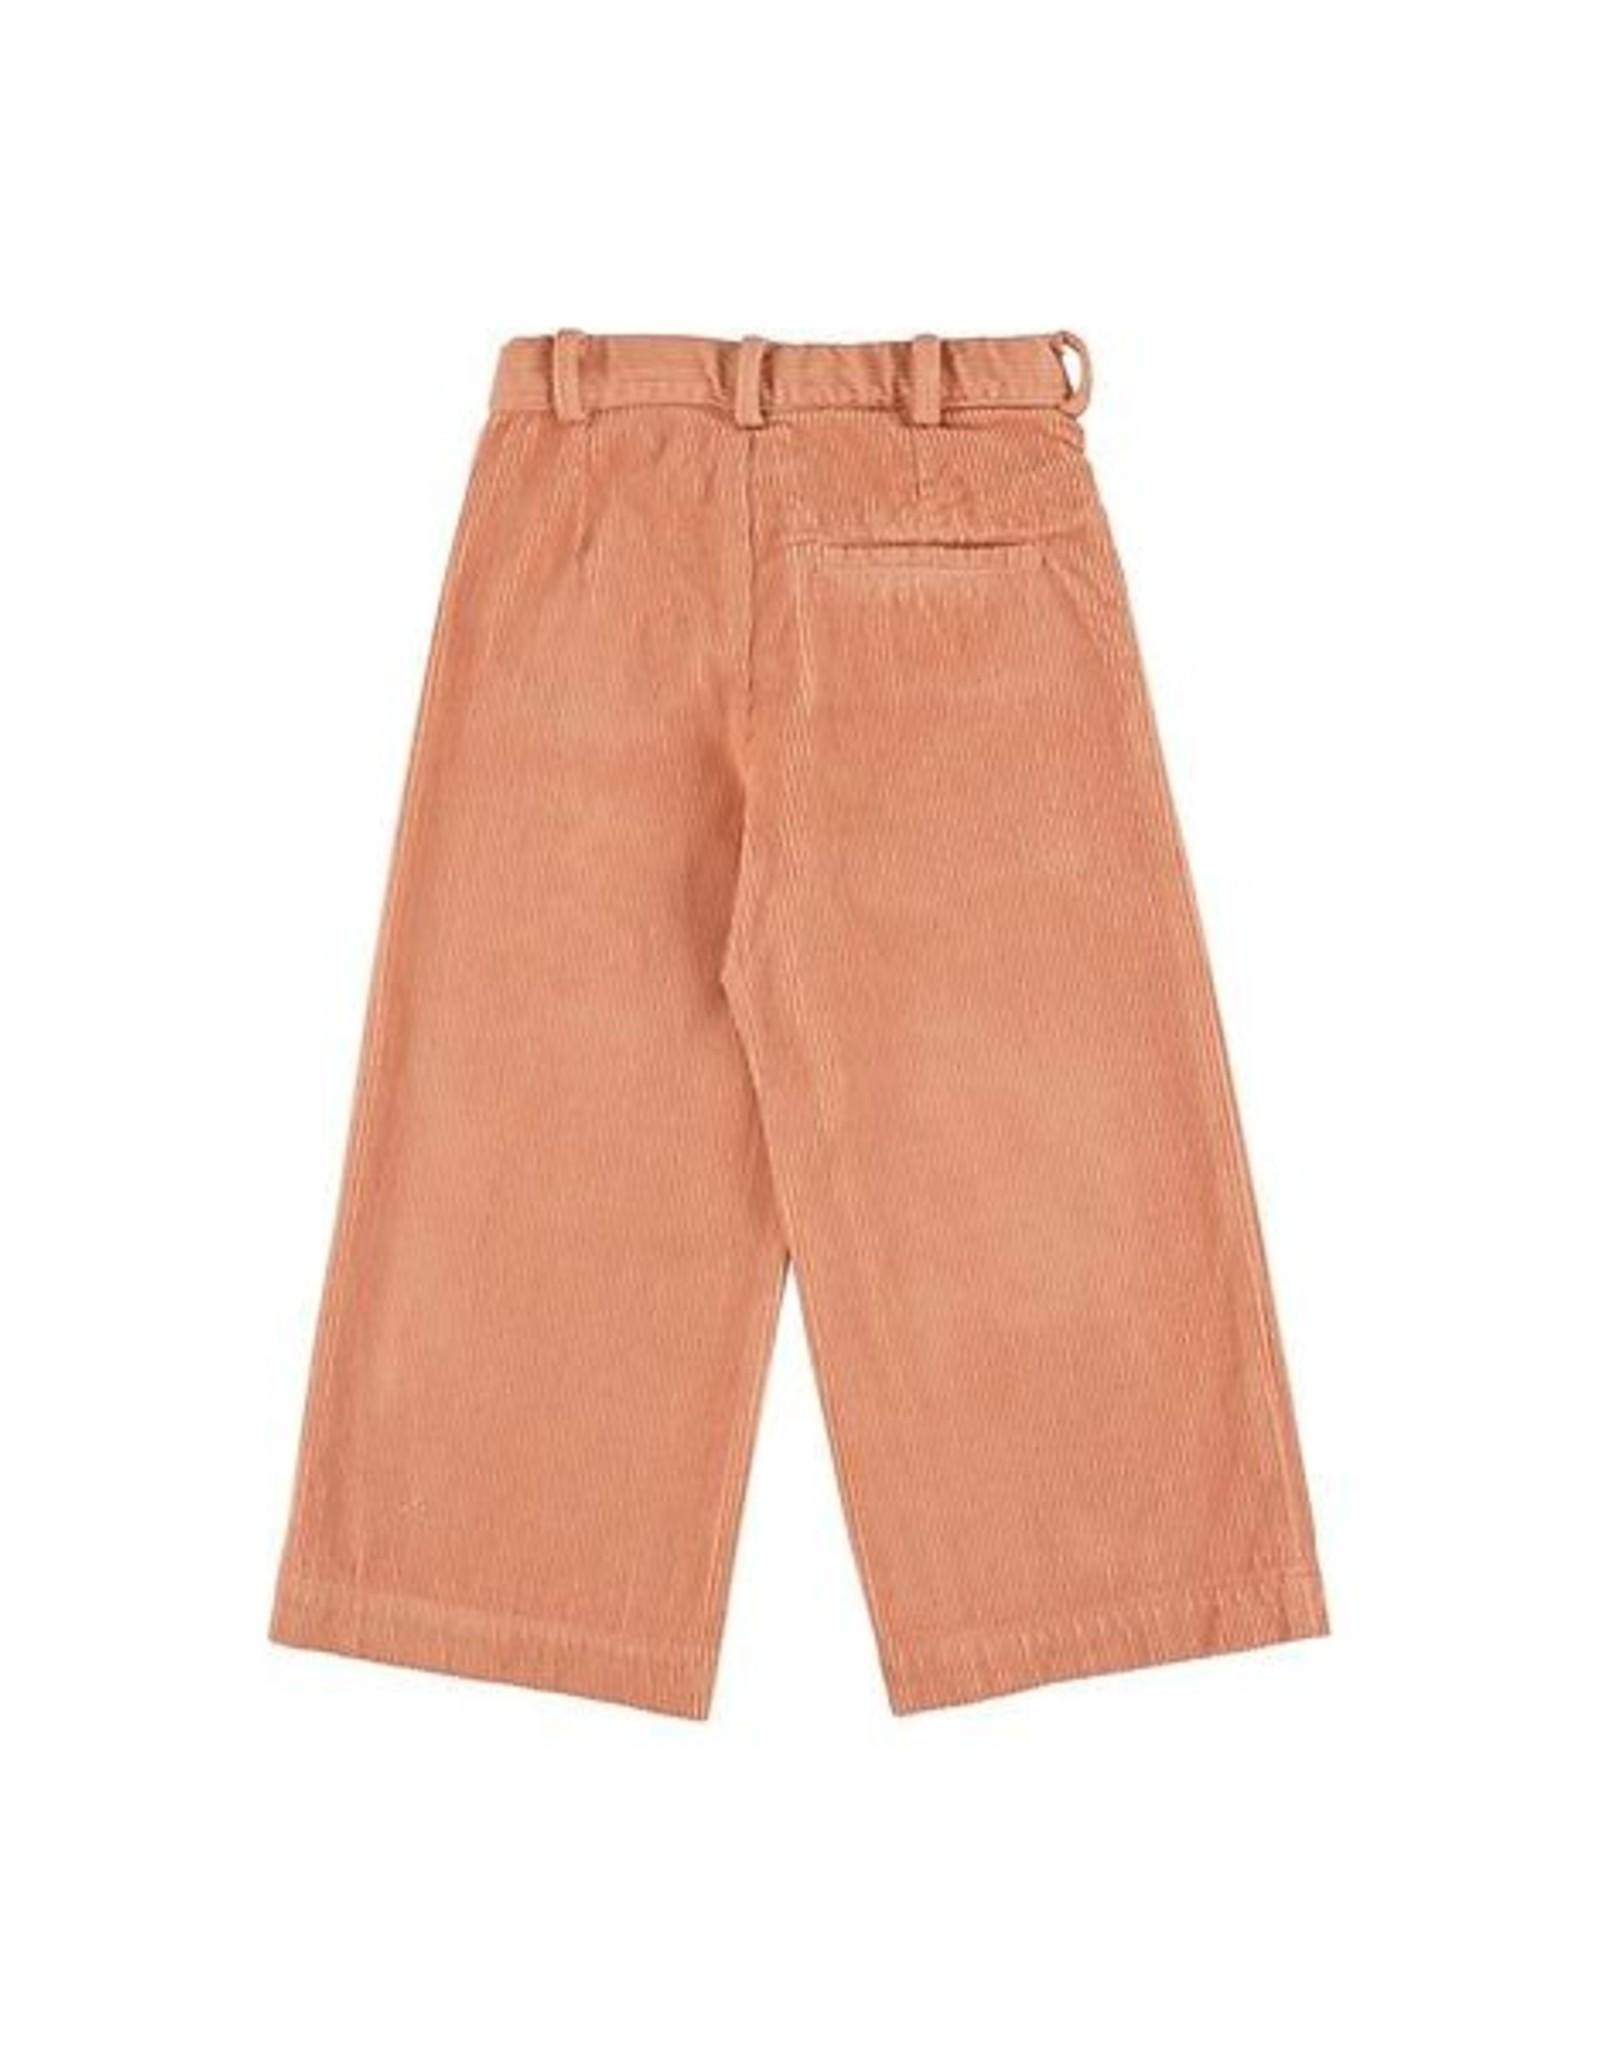 MORLEY MORLEY Oracle soul pink sand pants